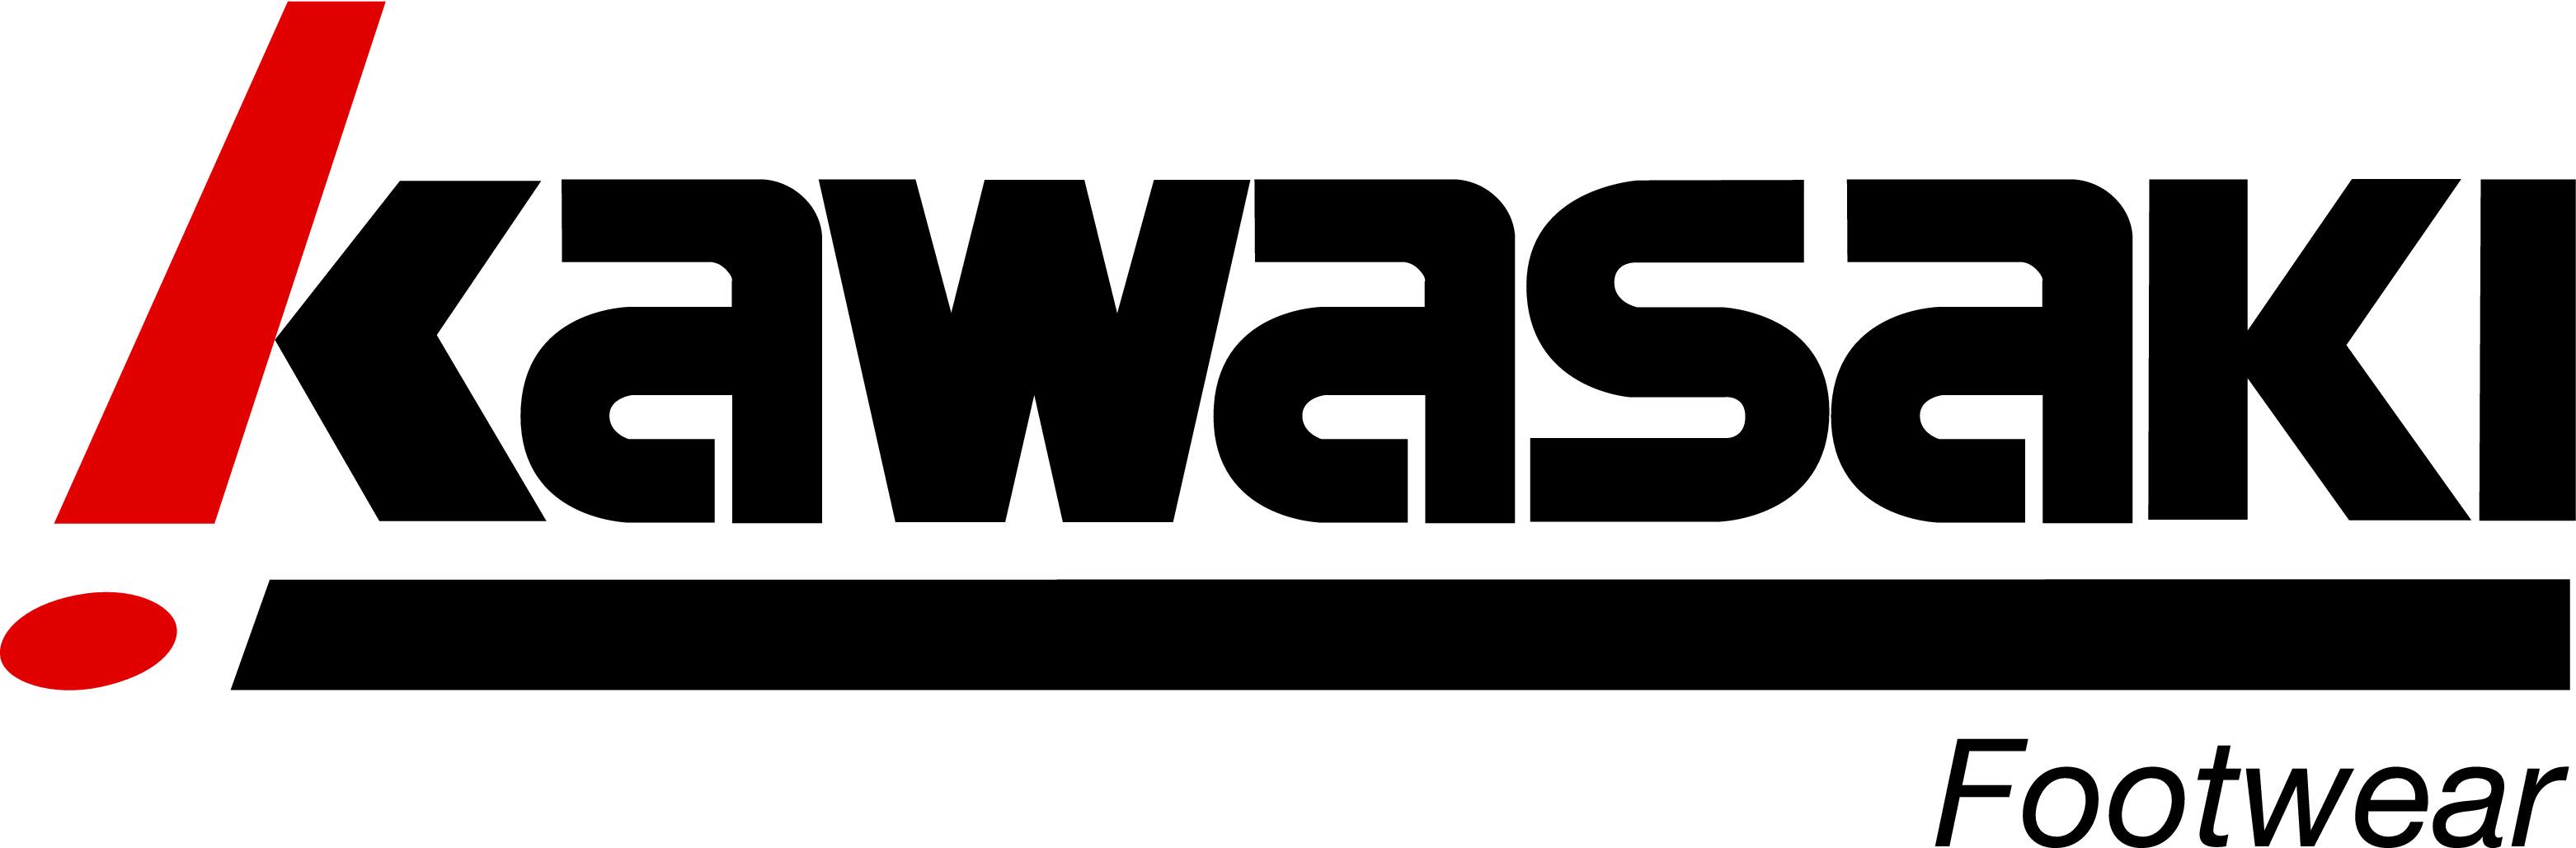 Historien om Kawasaki sko – Den danske sko med det japanske navn